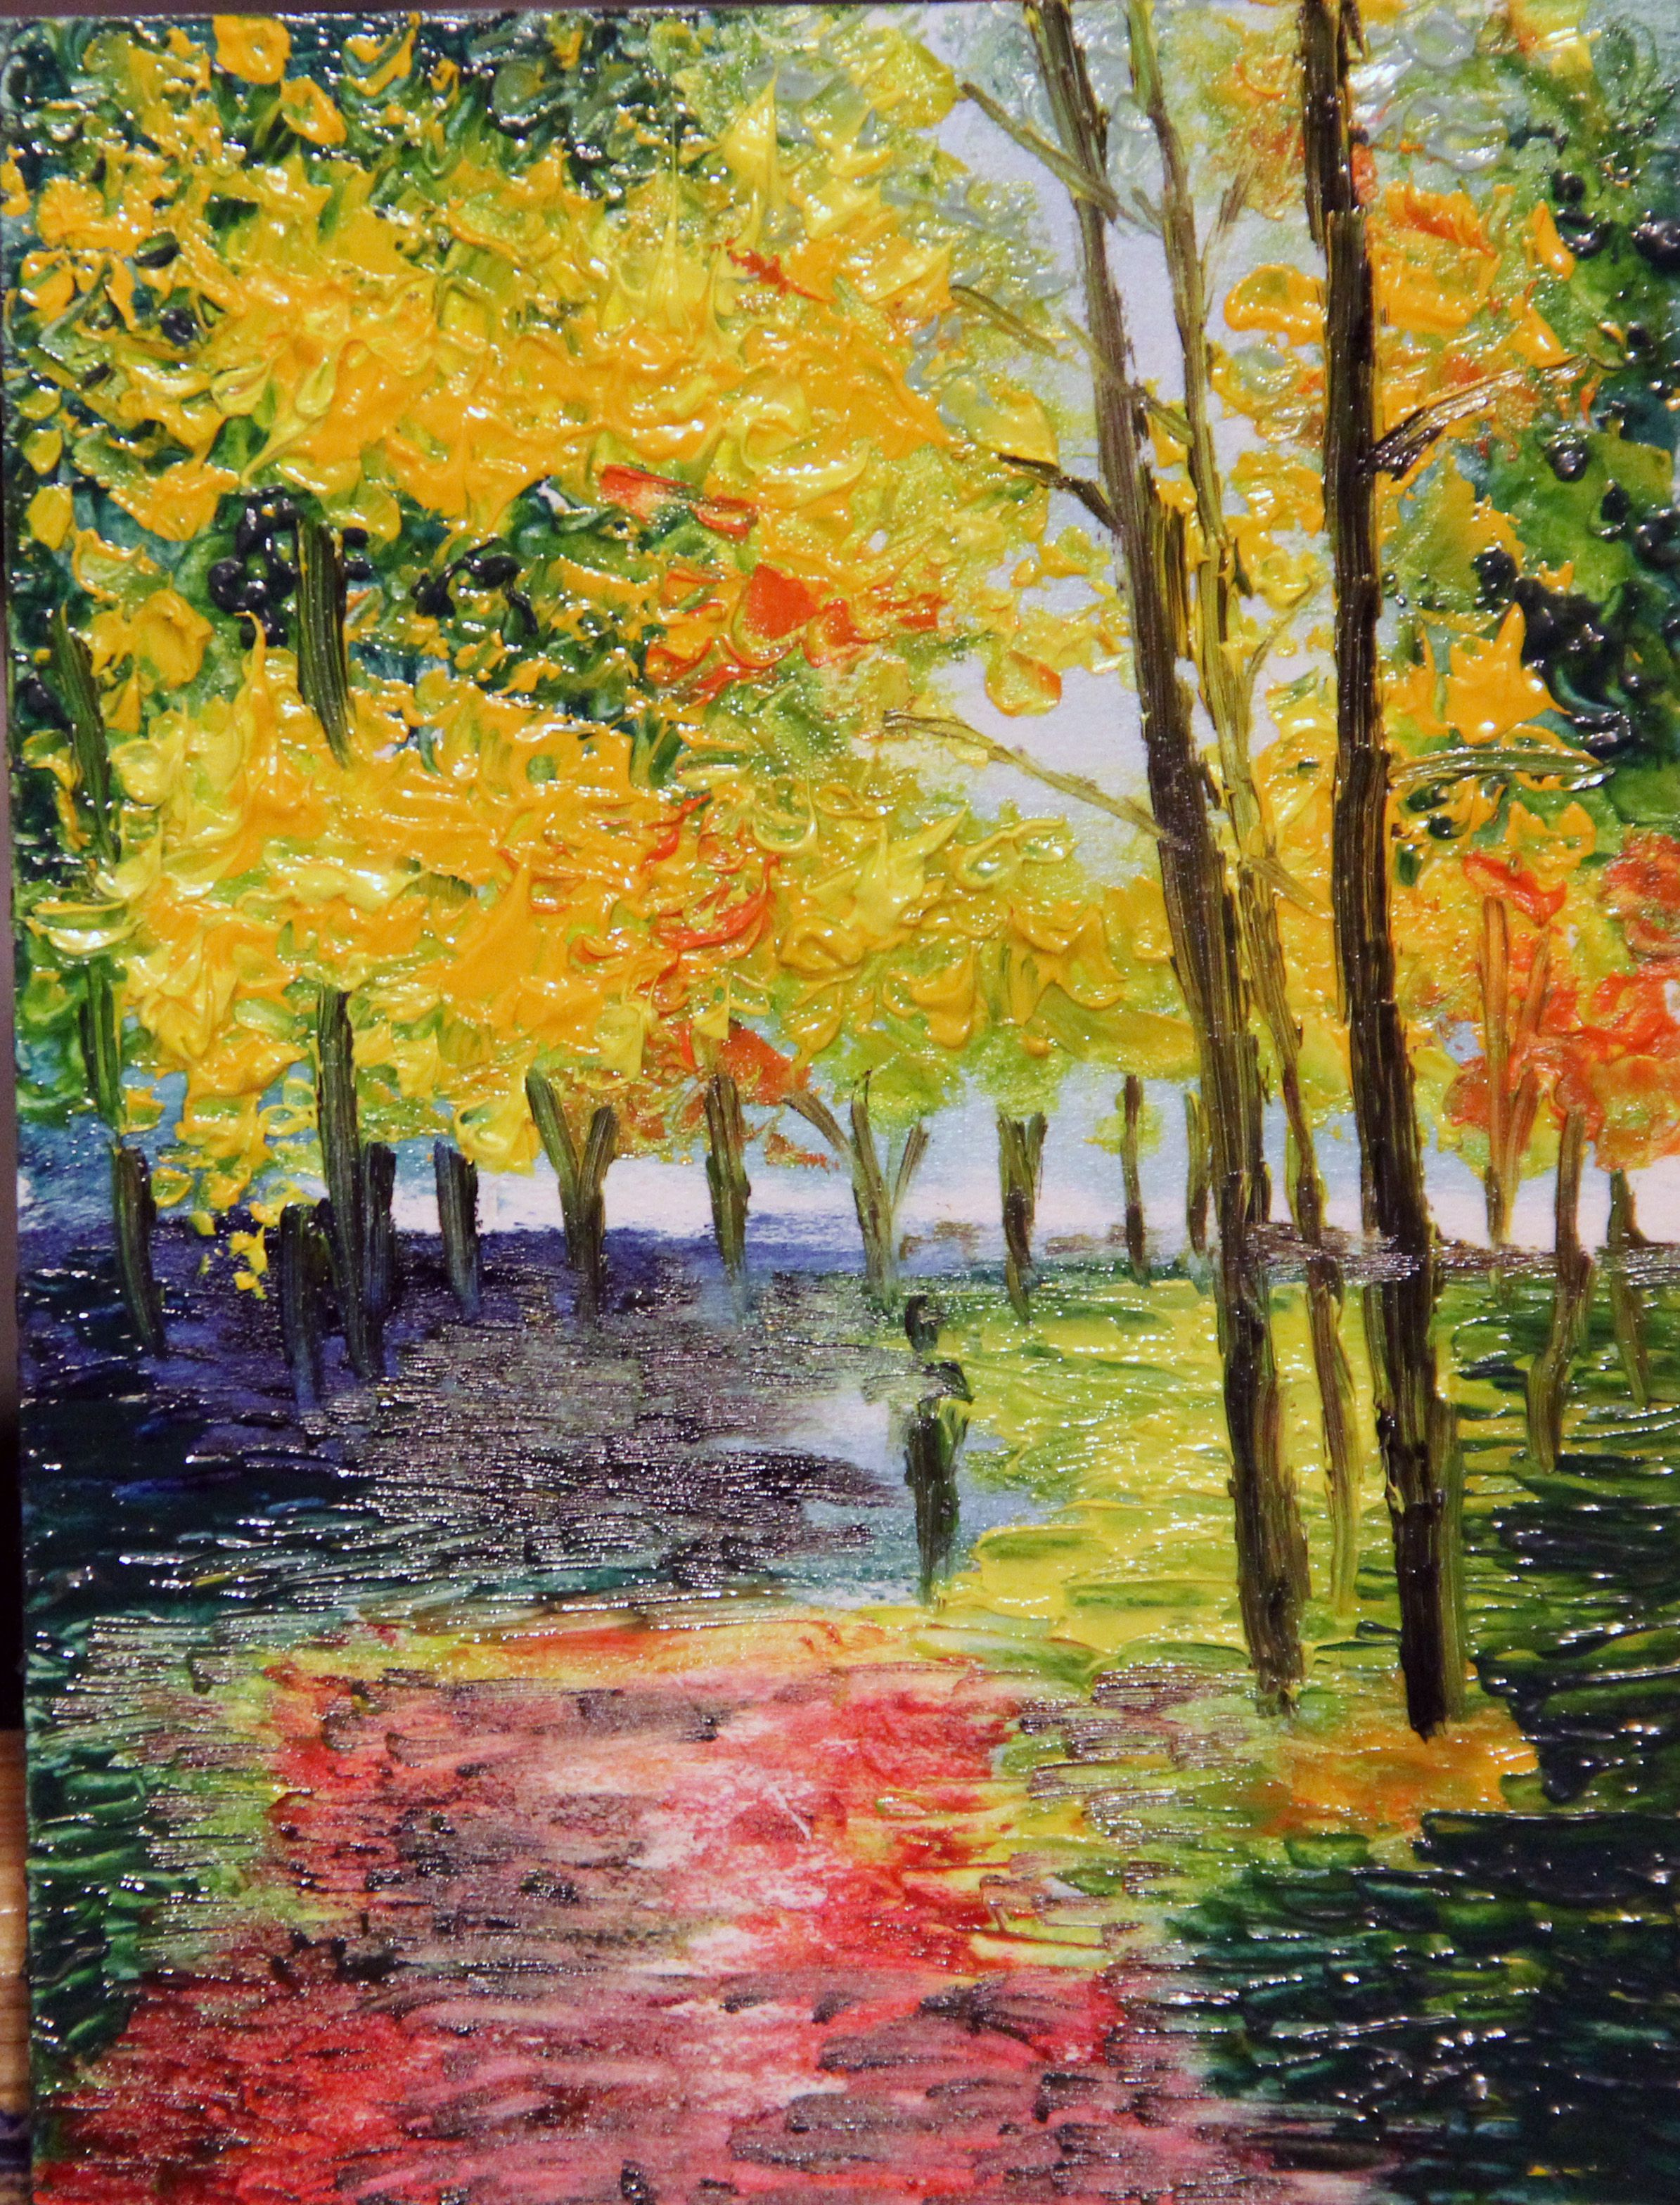 холст парк масло мастихин абстракция осень лето живопись пейзаж бабье